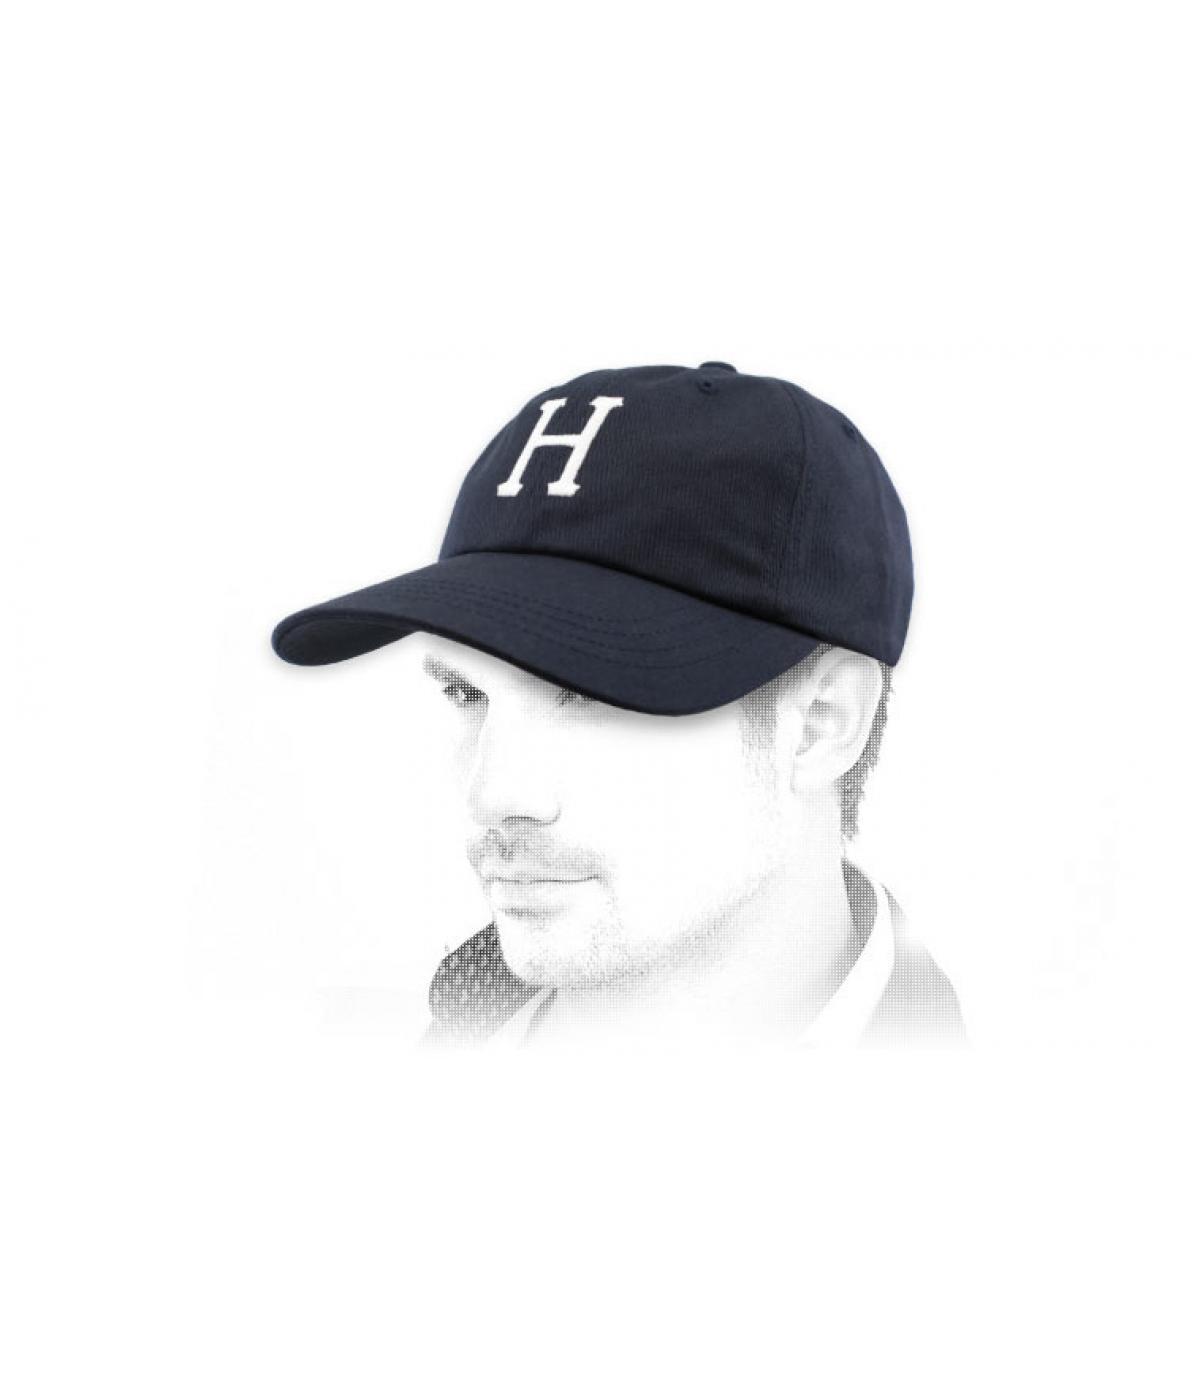 casquette Huf bleu marine